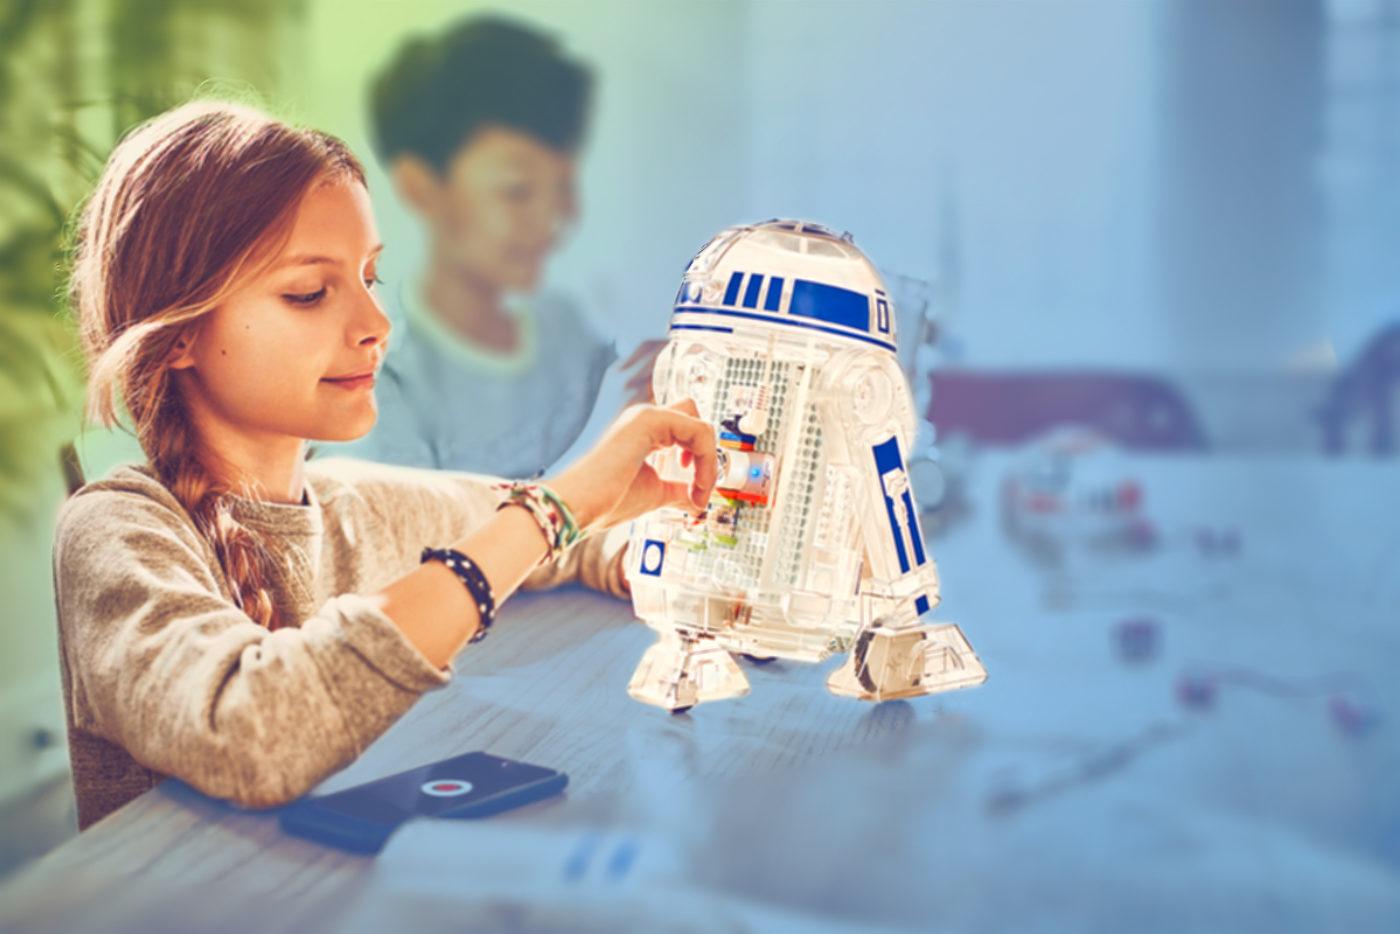 Мероприятия: Відкриті уроки «Дні дитячих винаходів» у Харкові